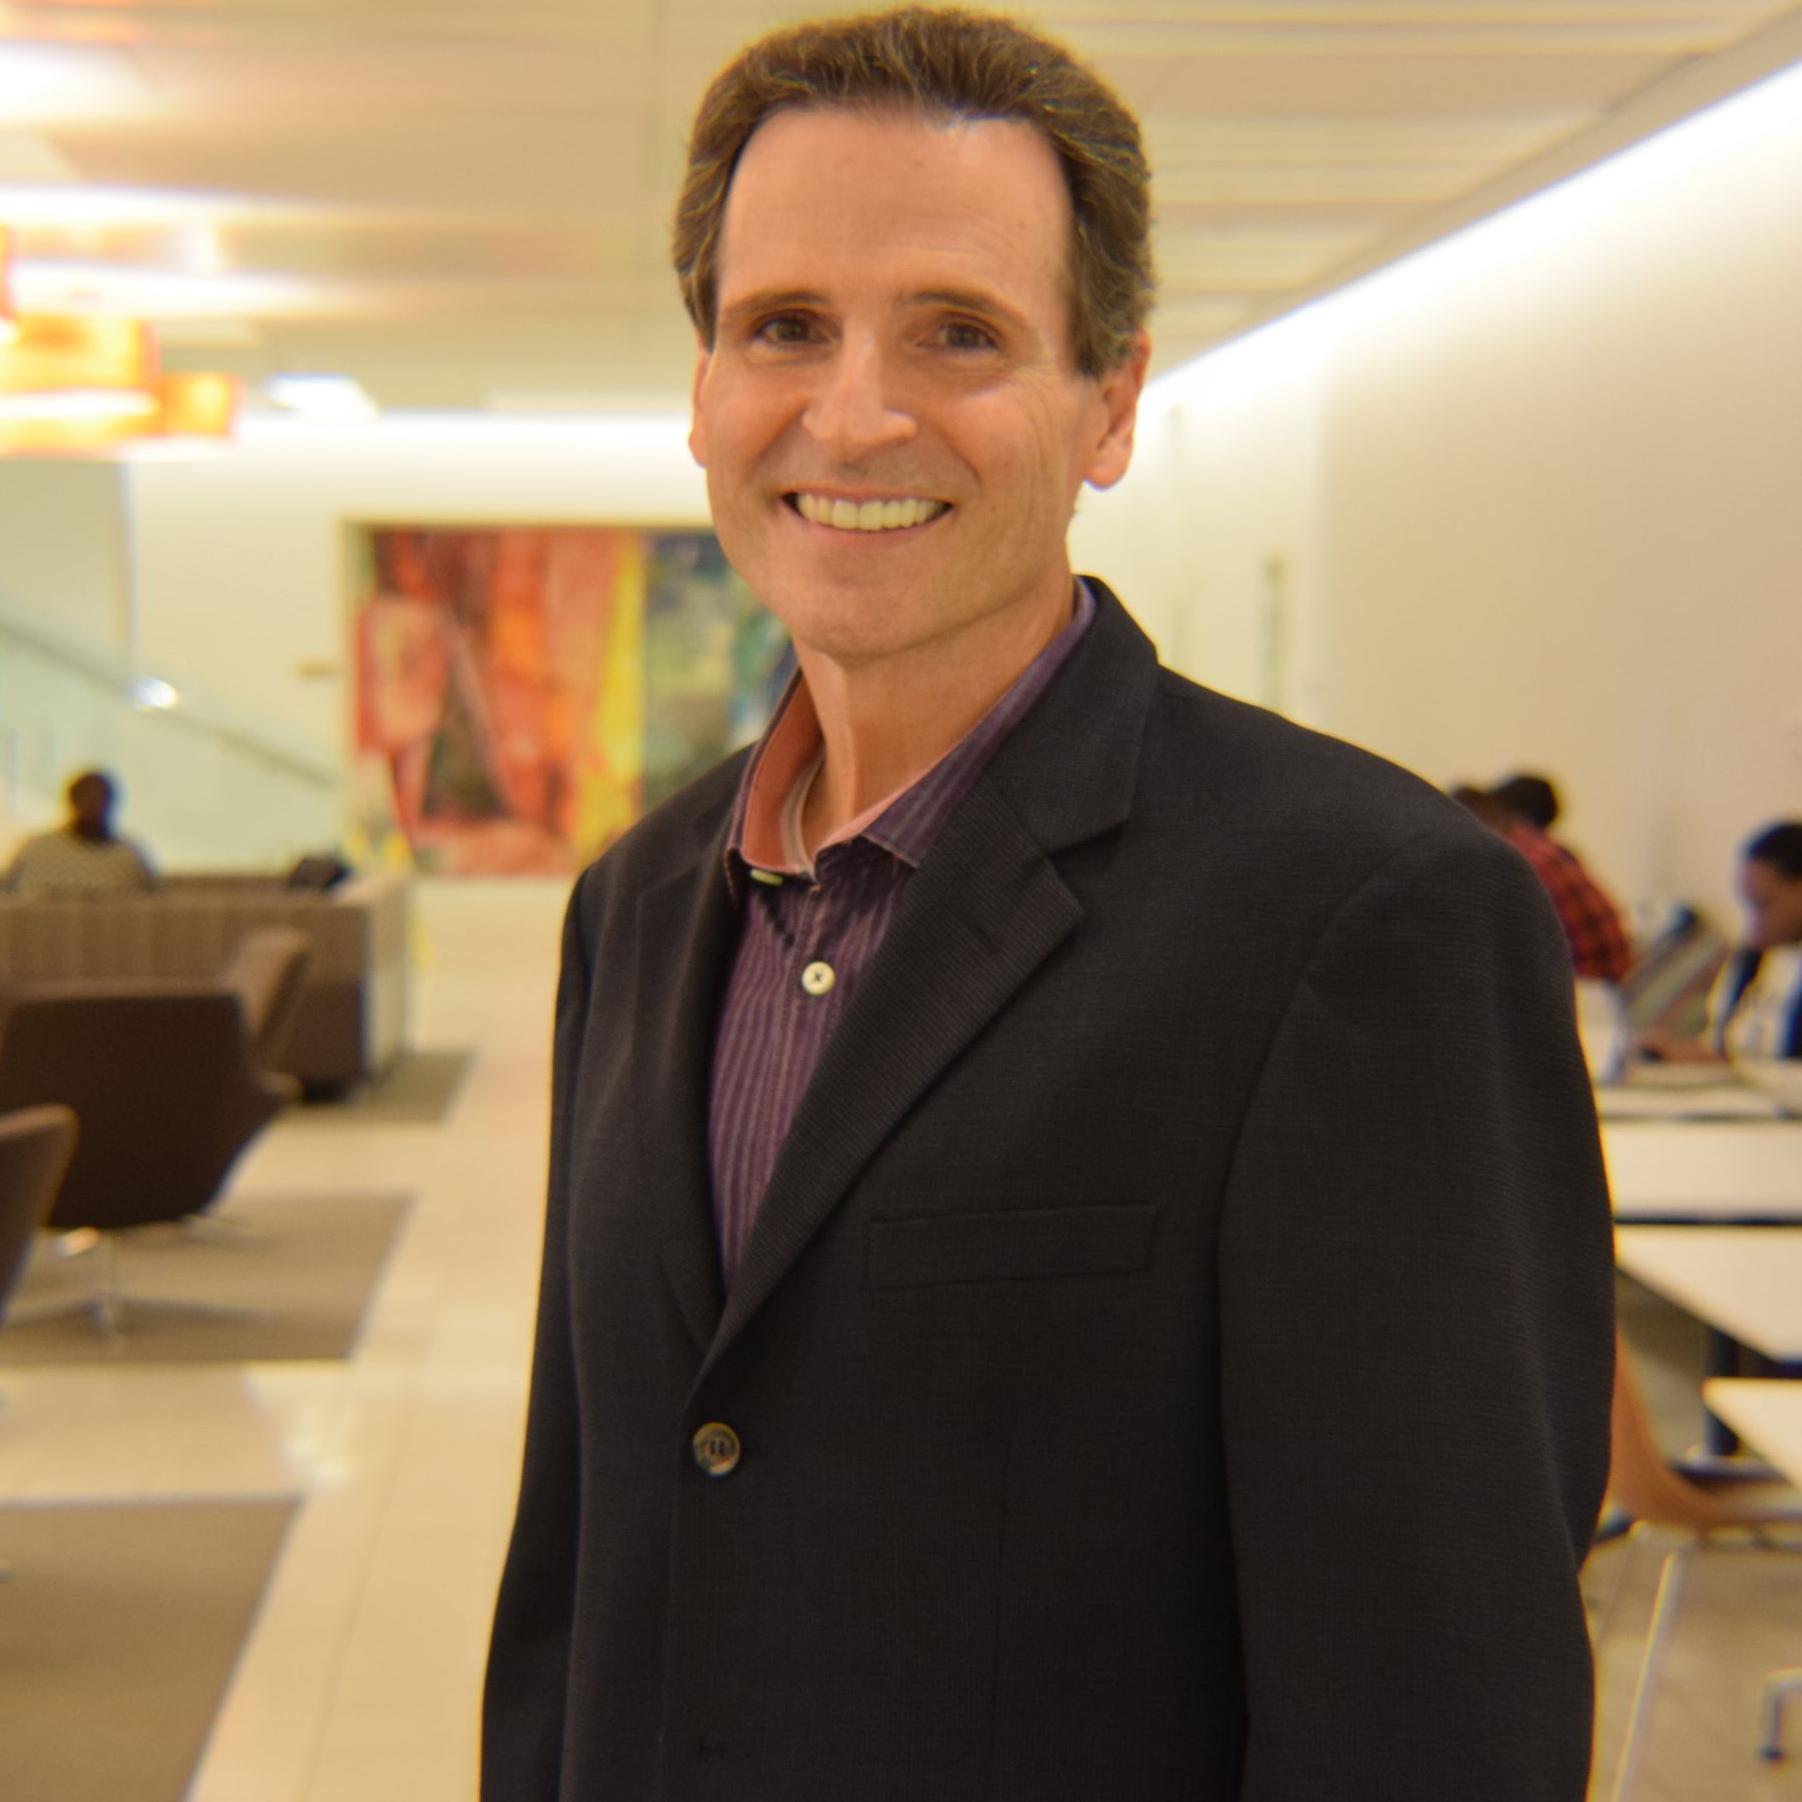 Paul Morella